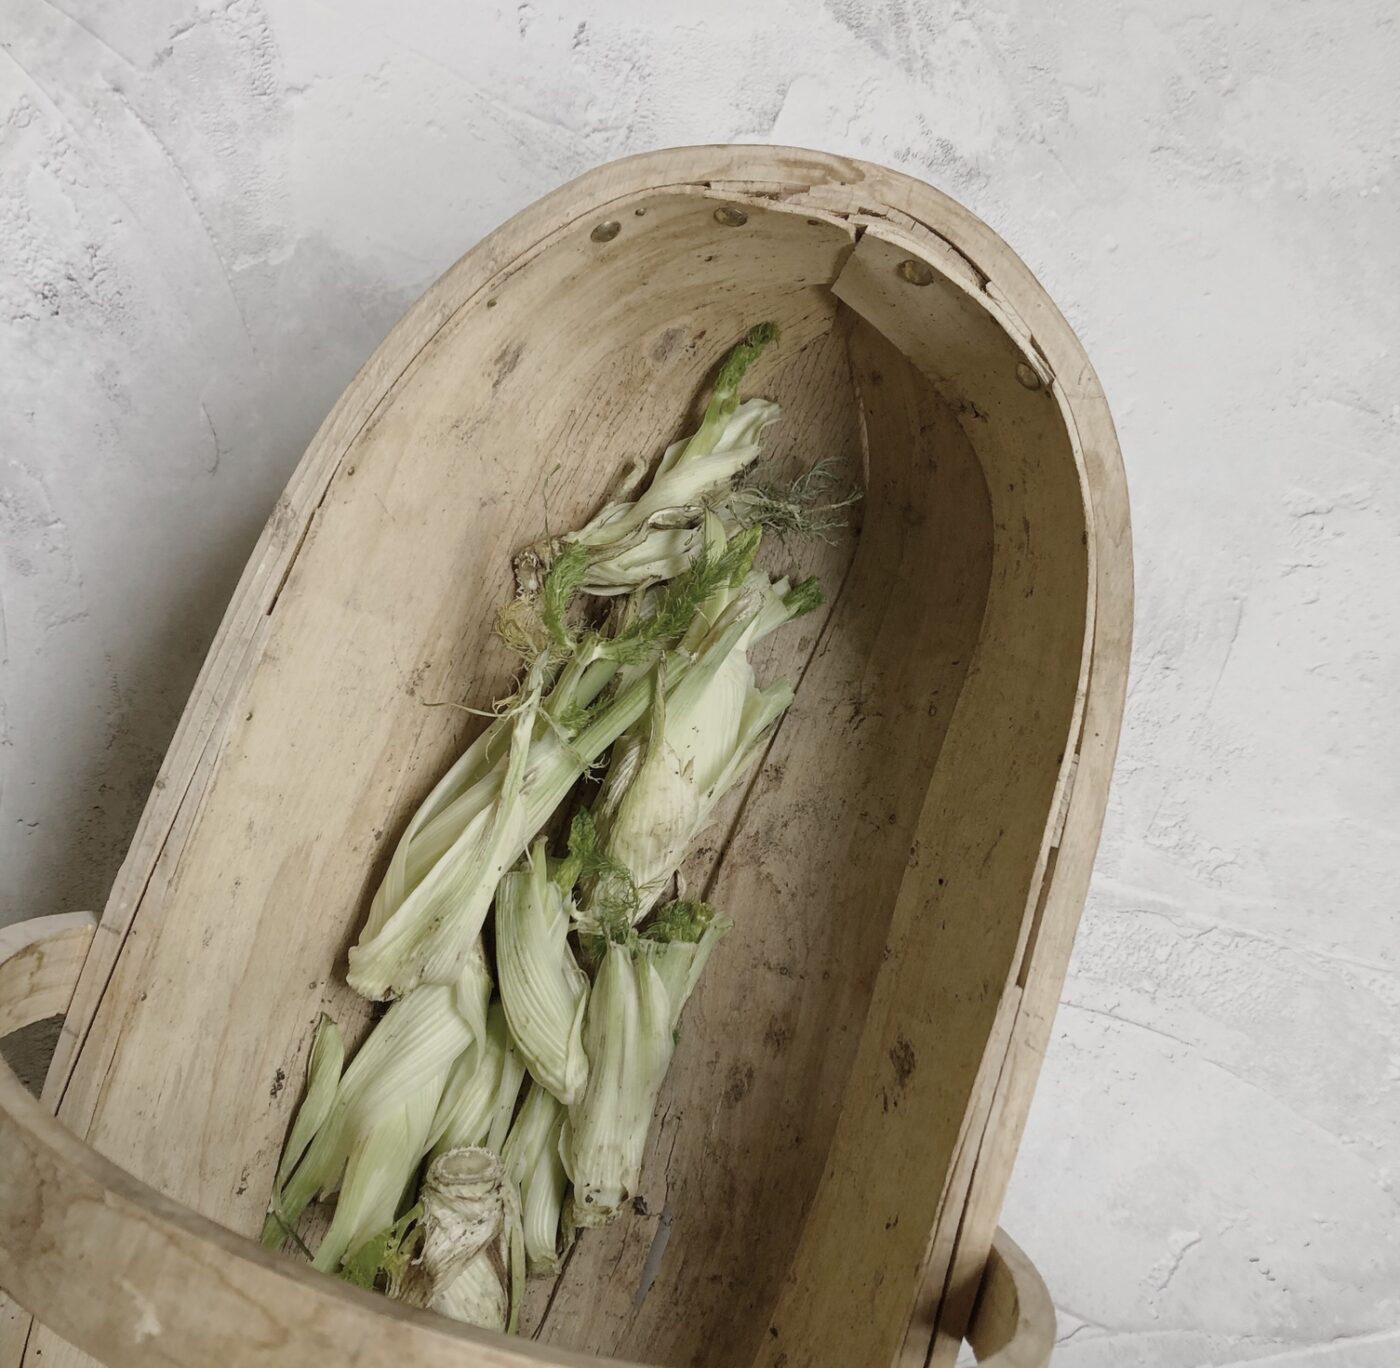 How Lockdown Has Cut Household Food Waste